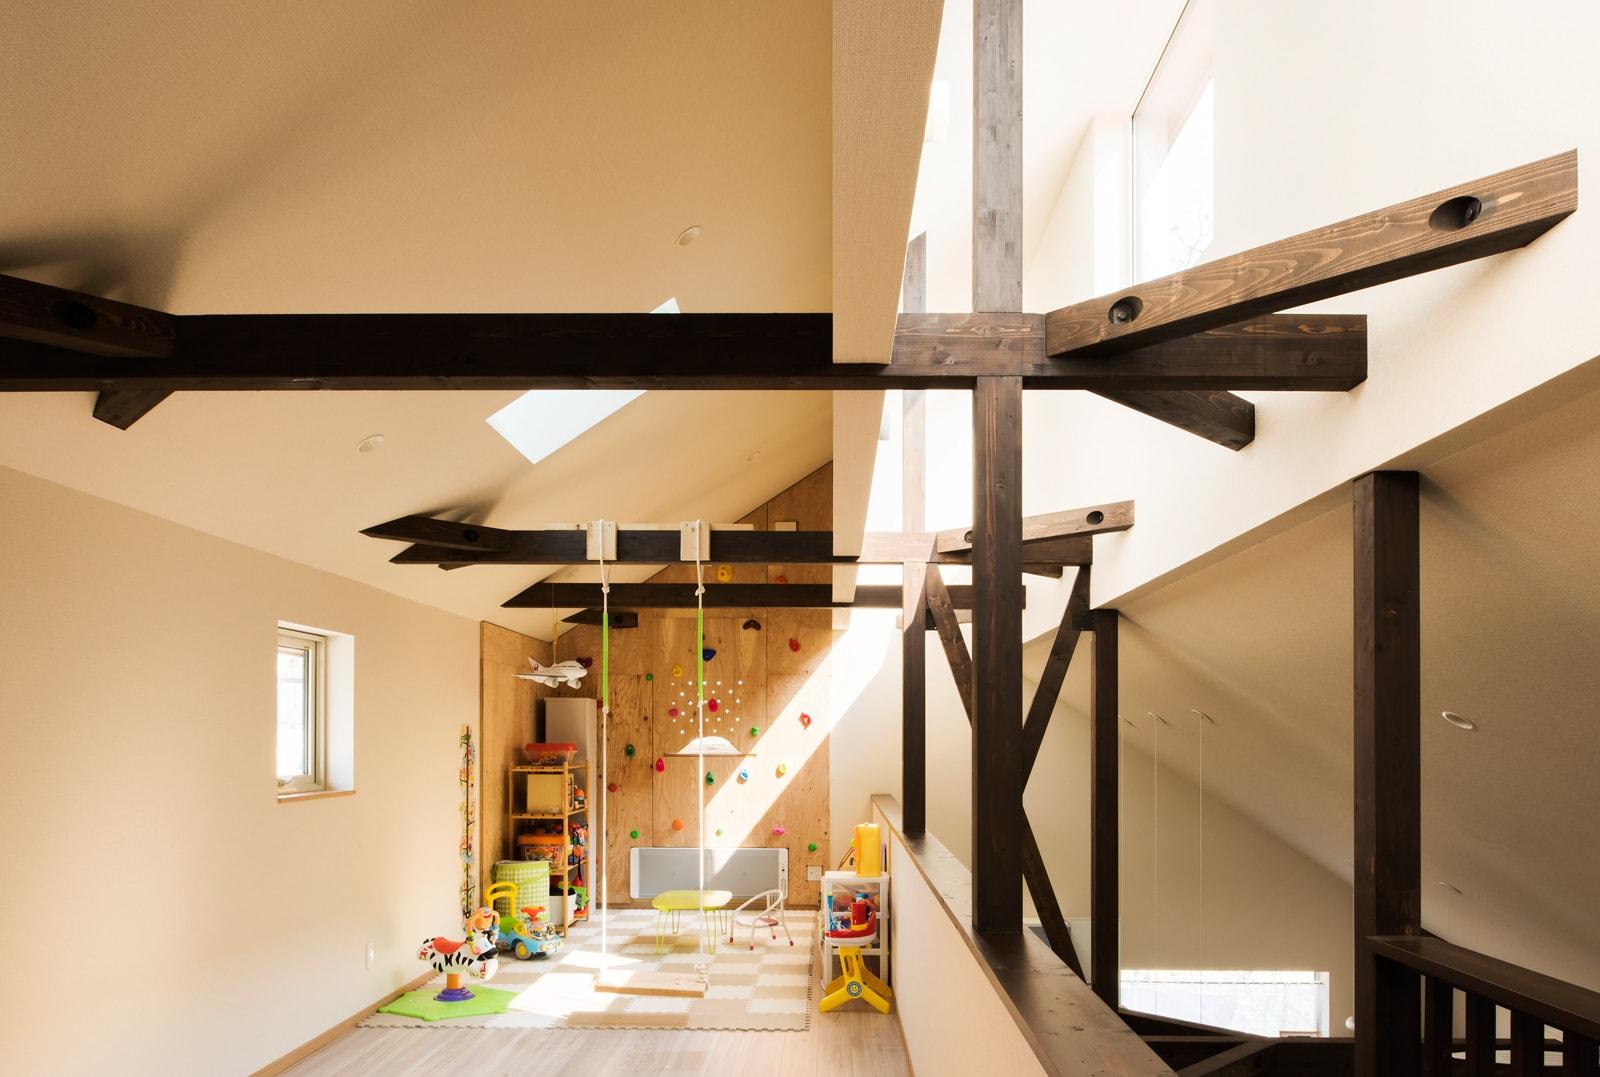 ロフト風に設えられた2階全面のフリースペースすべてが子どもたちの空間。ブランコやクライミングウォールも設置されている